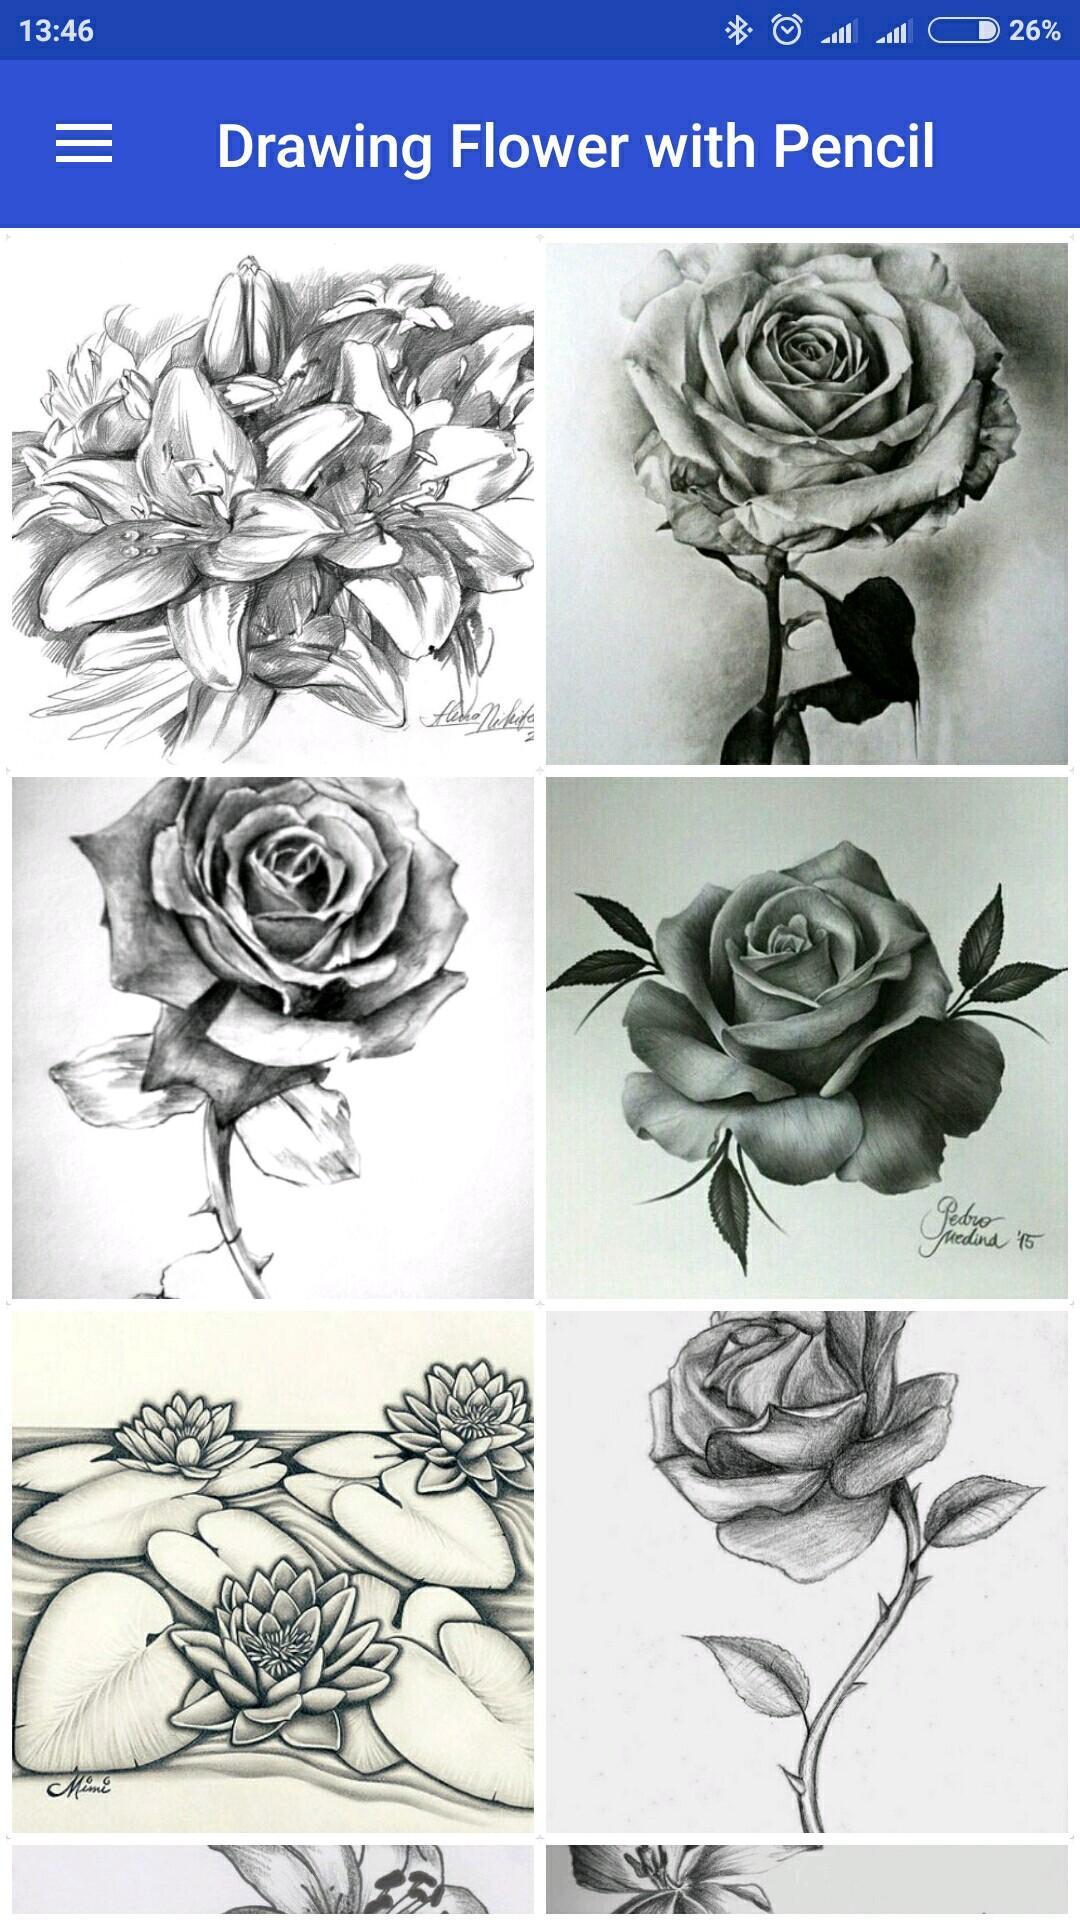 Menggambar Bunga Dengan Pensil For Android Apk Download